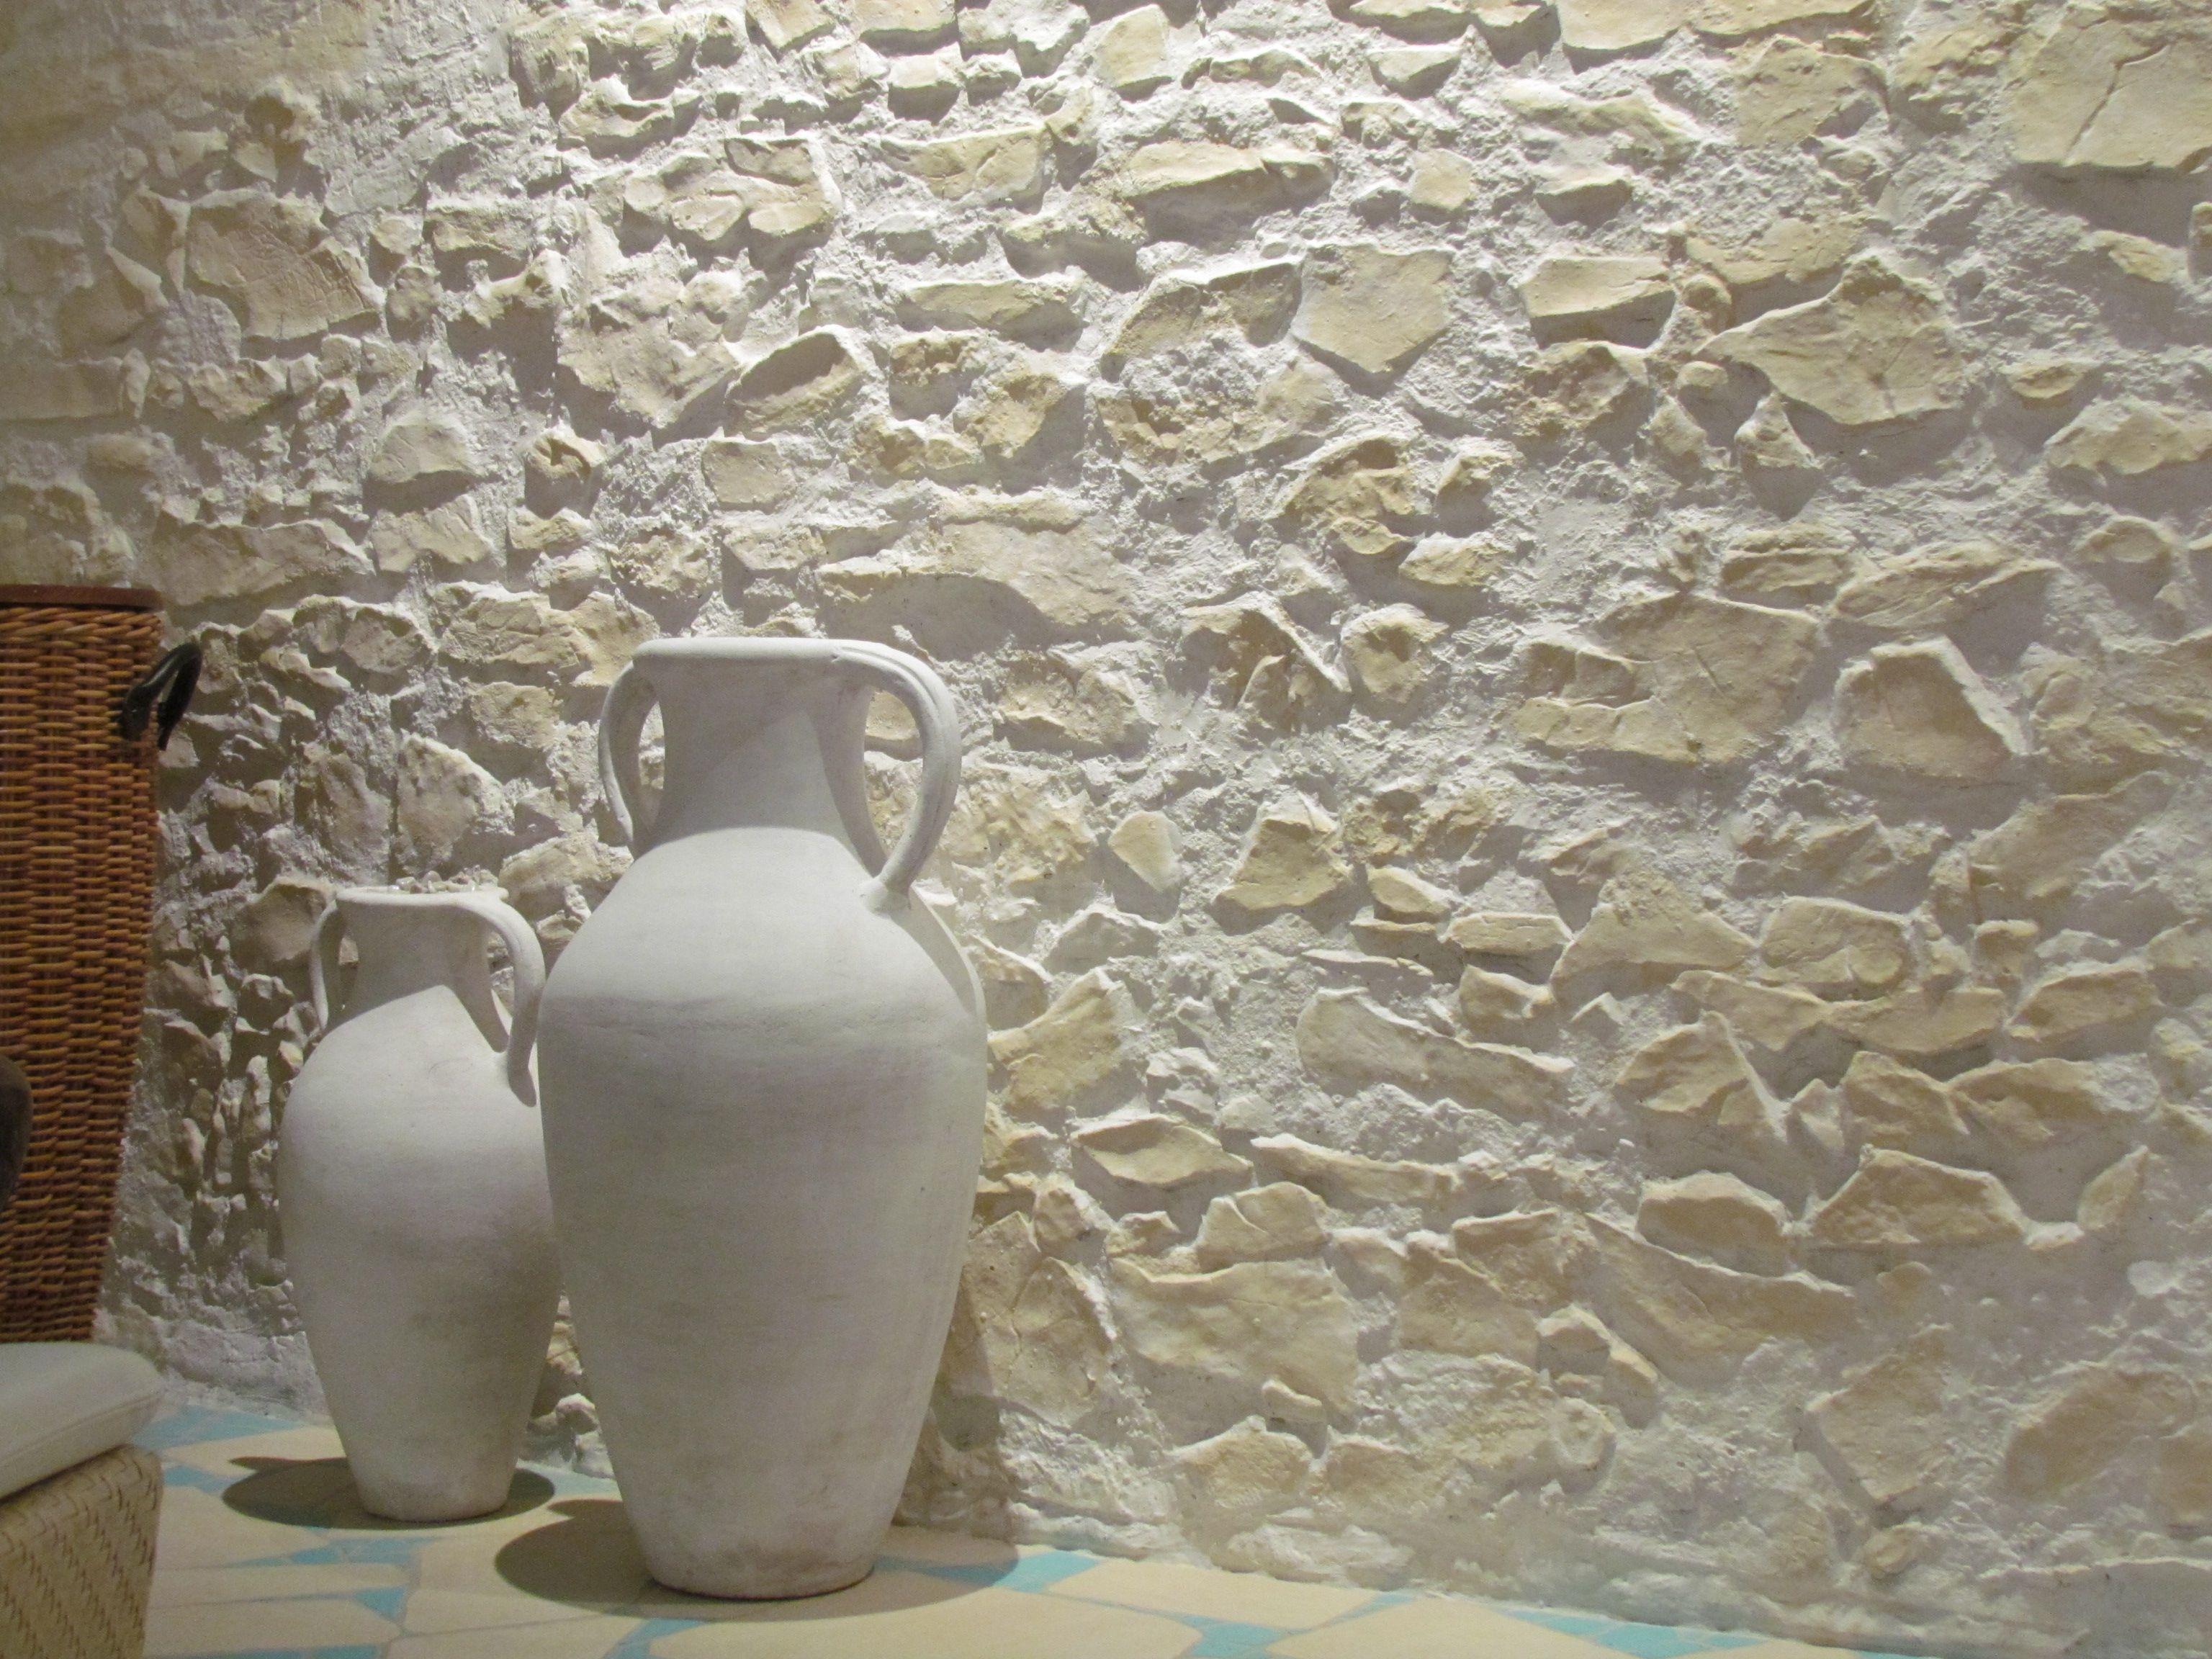 Kunststeinpaneele marsalla ocker steinwand im wellnessbereich auf dem kreuzfahrtschiff - Styropor steinwand wohnzimmer ...